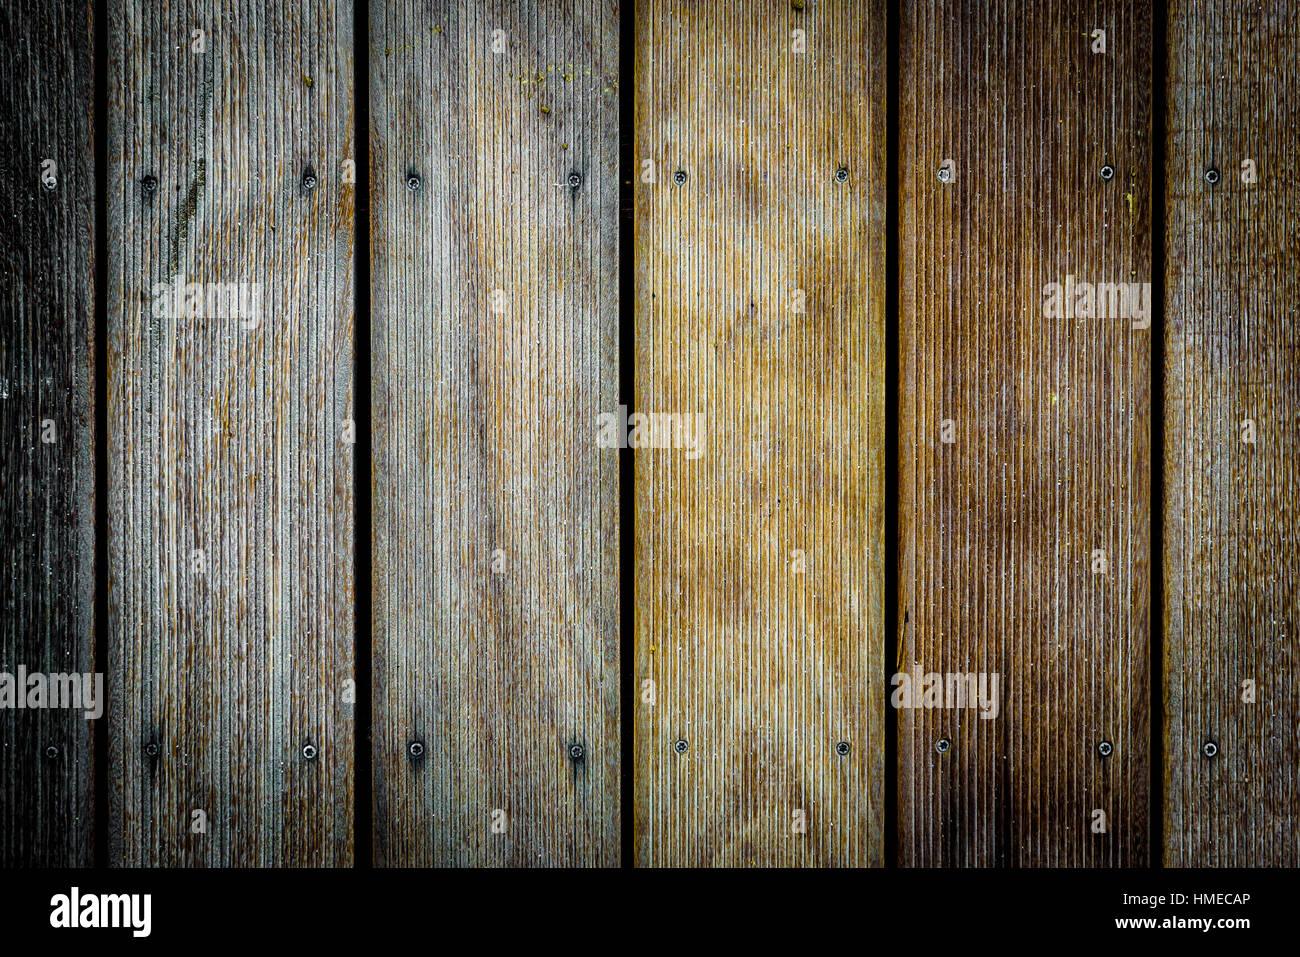 Fußbodenbelag Auf Dielen ~ Holz dielen marine außerhalb bodenbelag aus tick textur hintergrund